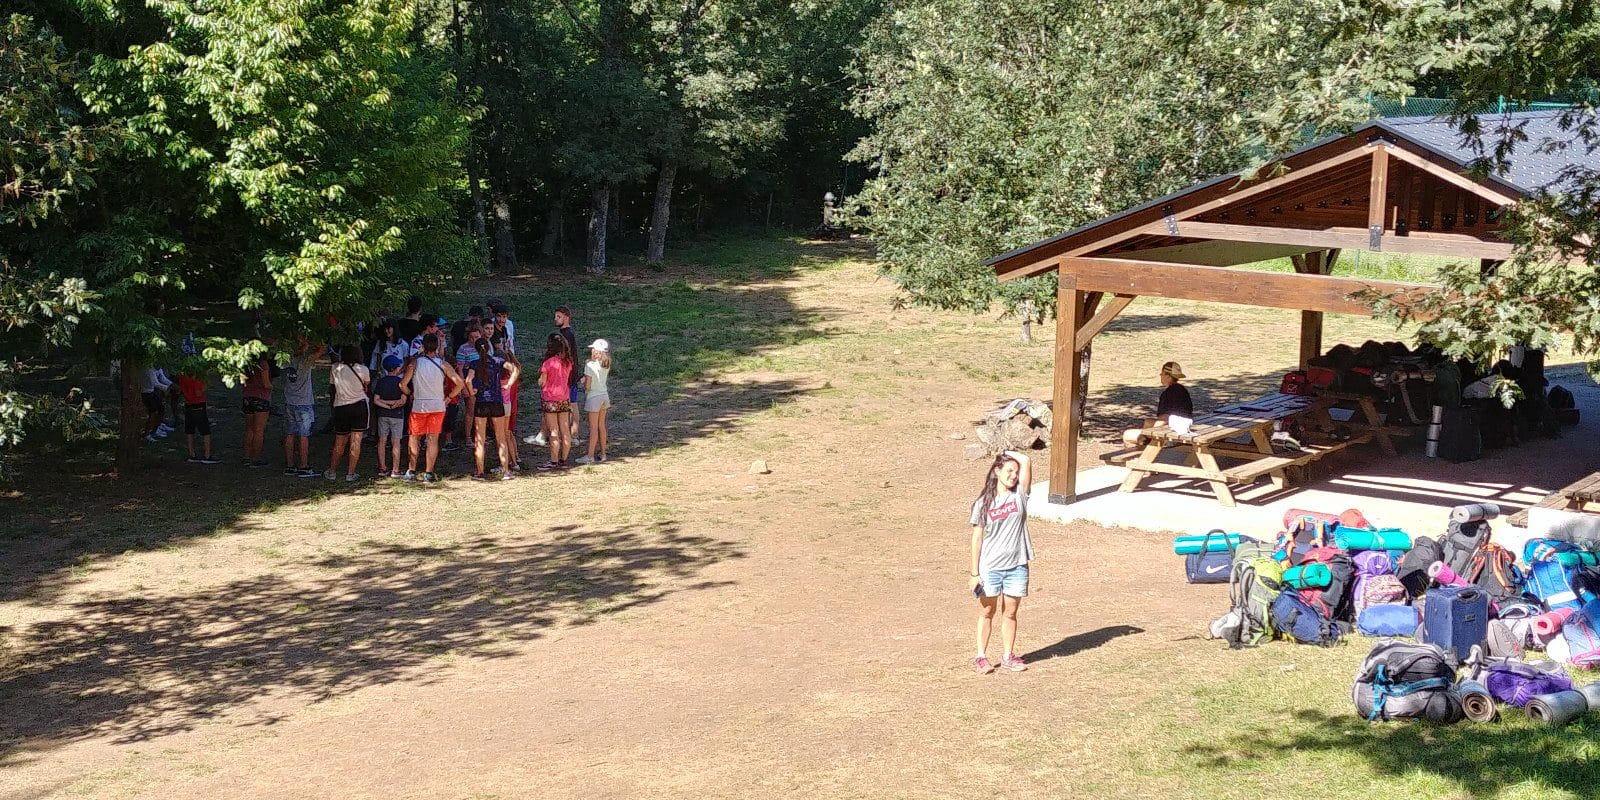 Campamento de verano en España Castilla y León con  acampada tiendas de campaña